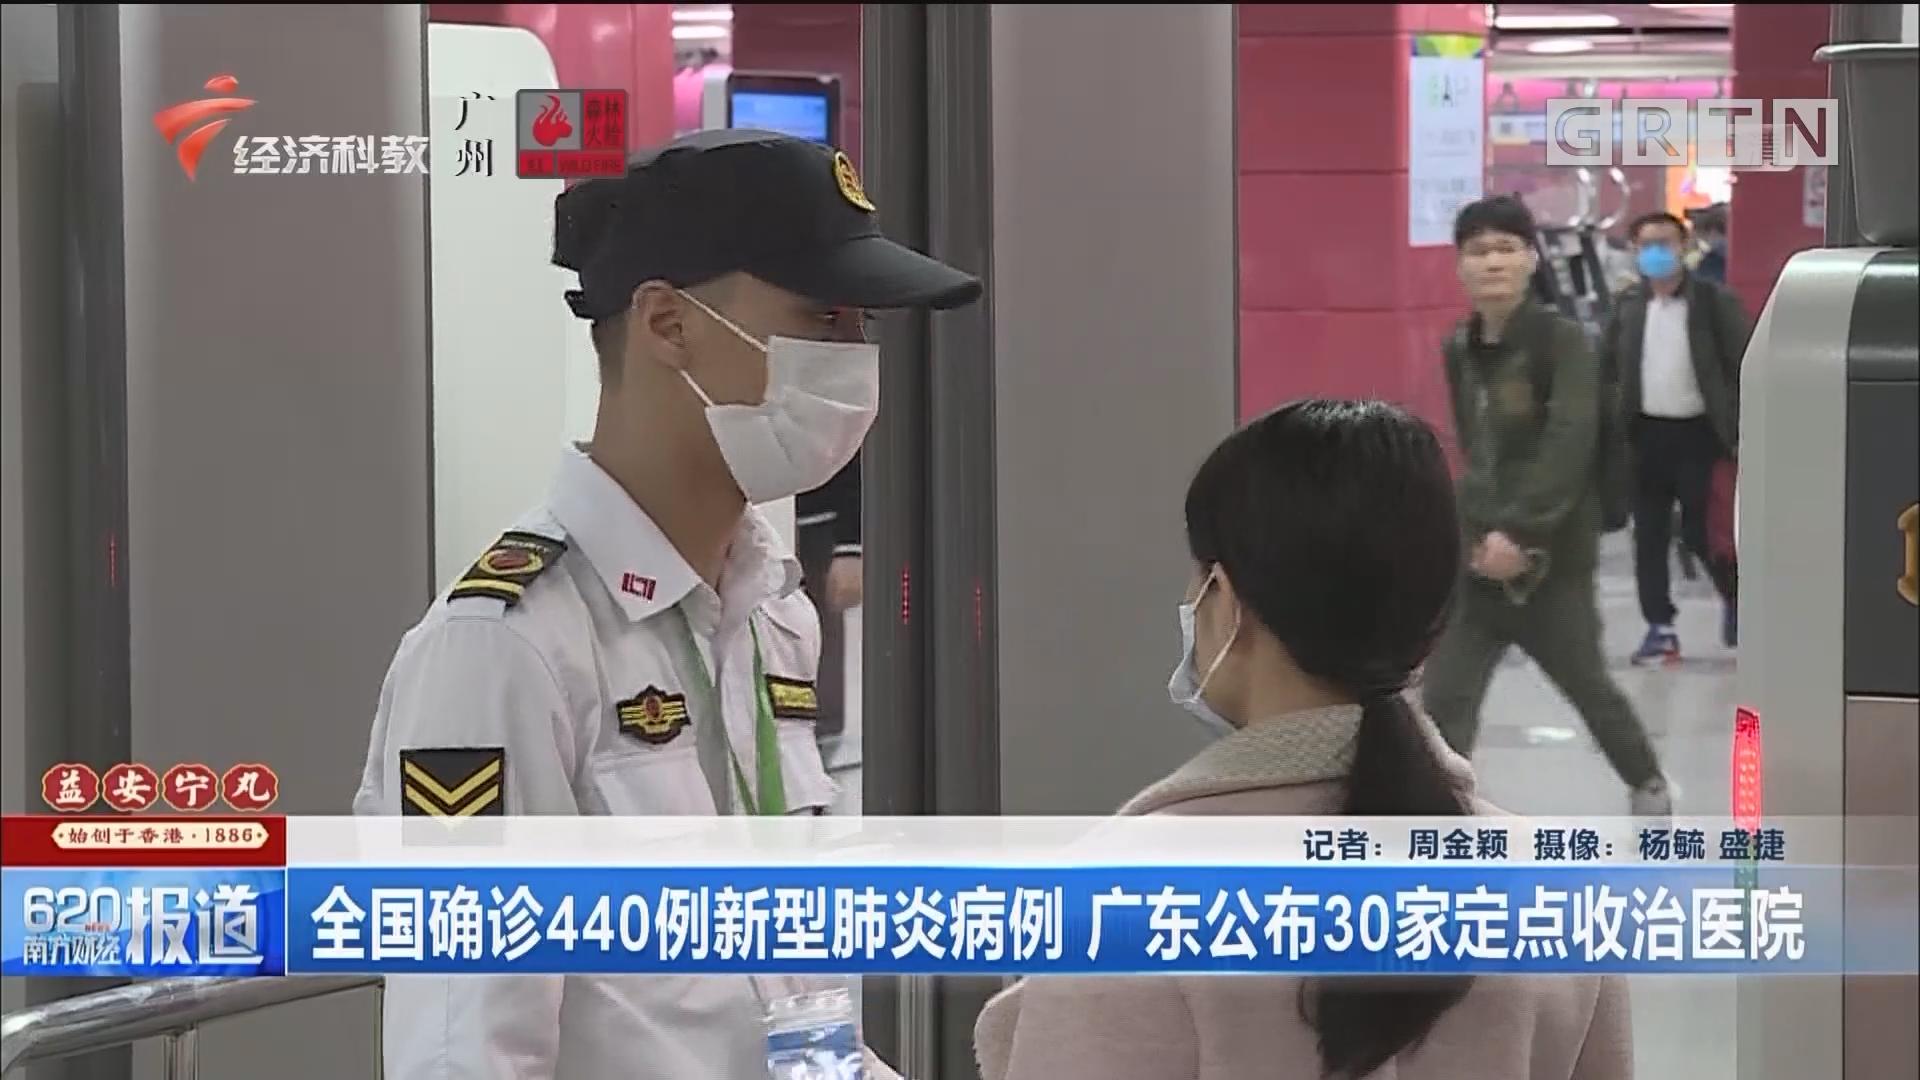 全国确诊440例新型肺炎病例 广东公布30家定点收治医院